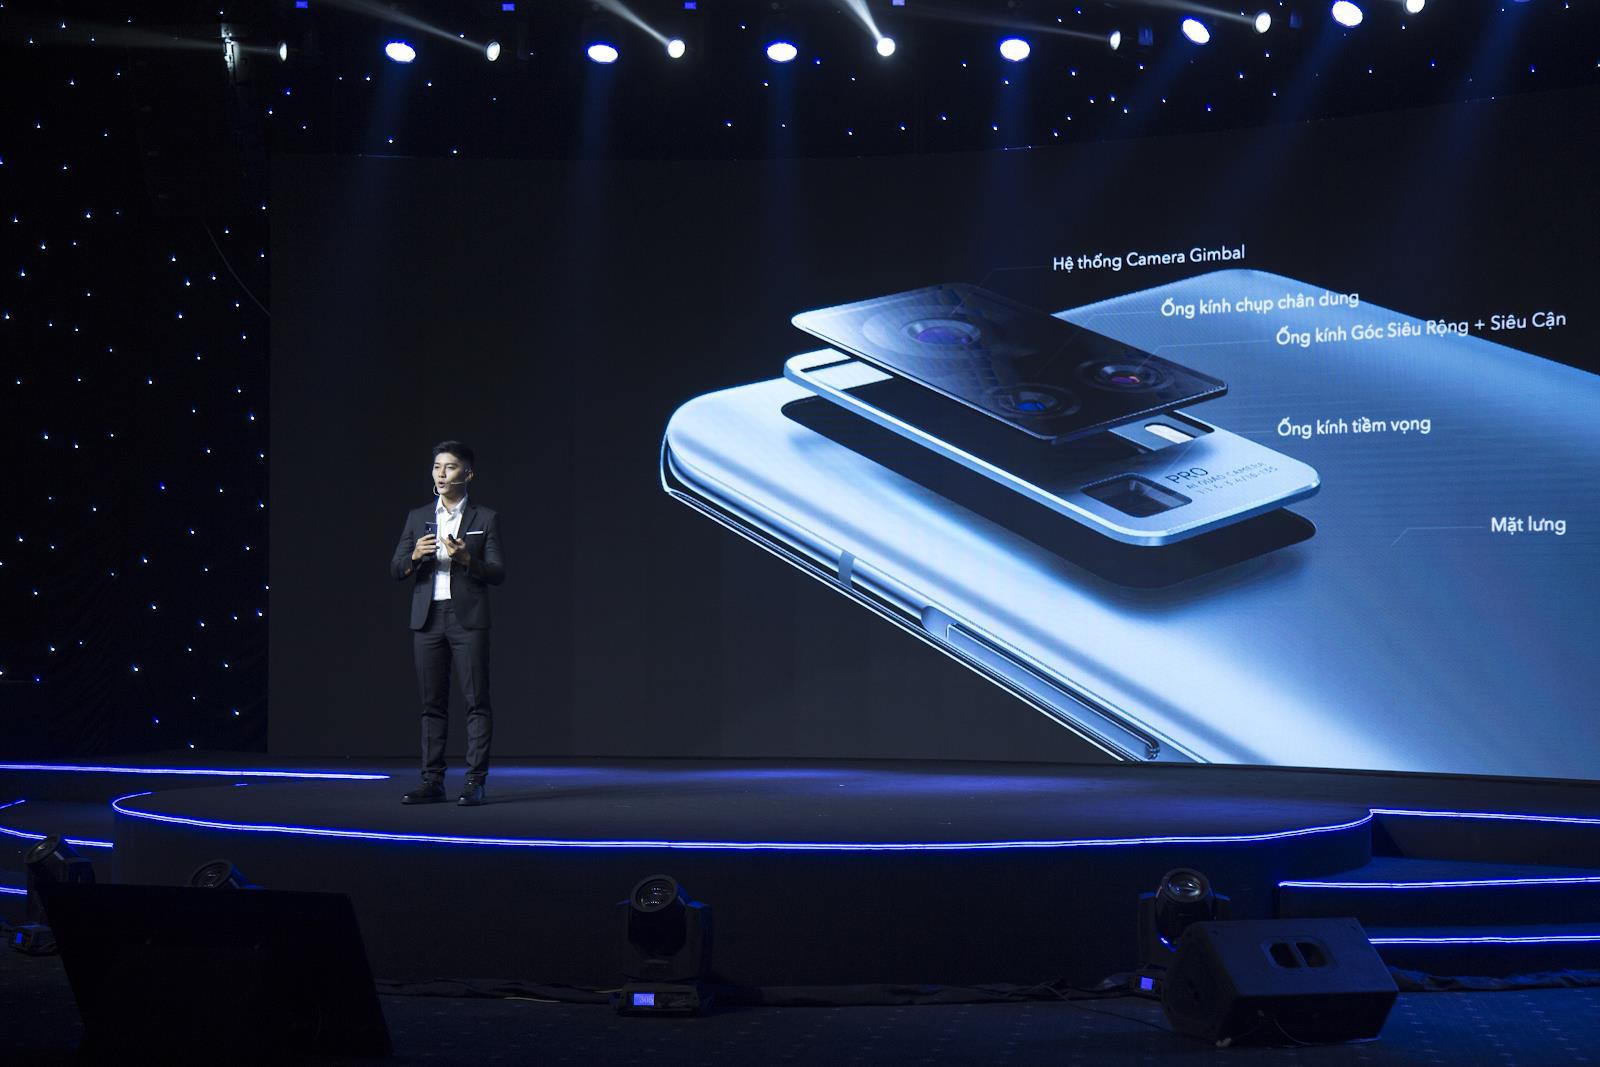 vivo X50 và vivo X50 Pro chính thức ra mắt tại Việt Nam: Camera Gimbal, chụp đêm siêu việt giá 12,99 và 19,99 triệu đồng cho hai phiên bản - Ảnh 4.